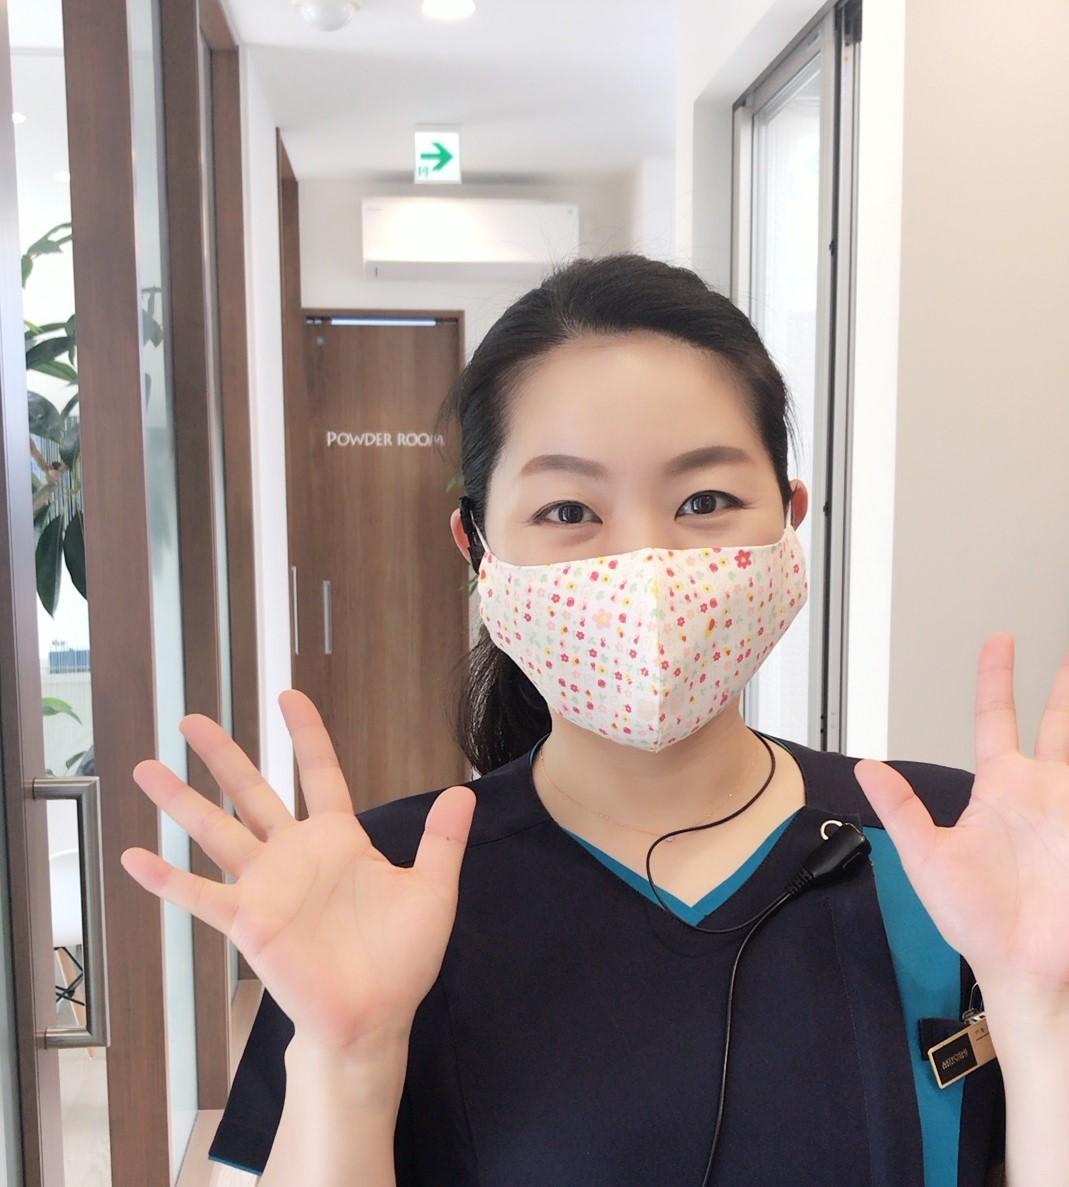 かわいい手作りマスクをいただきました!のイメージ